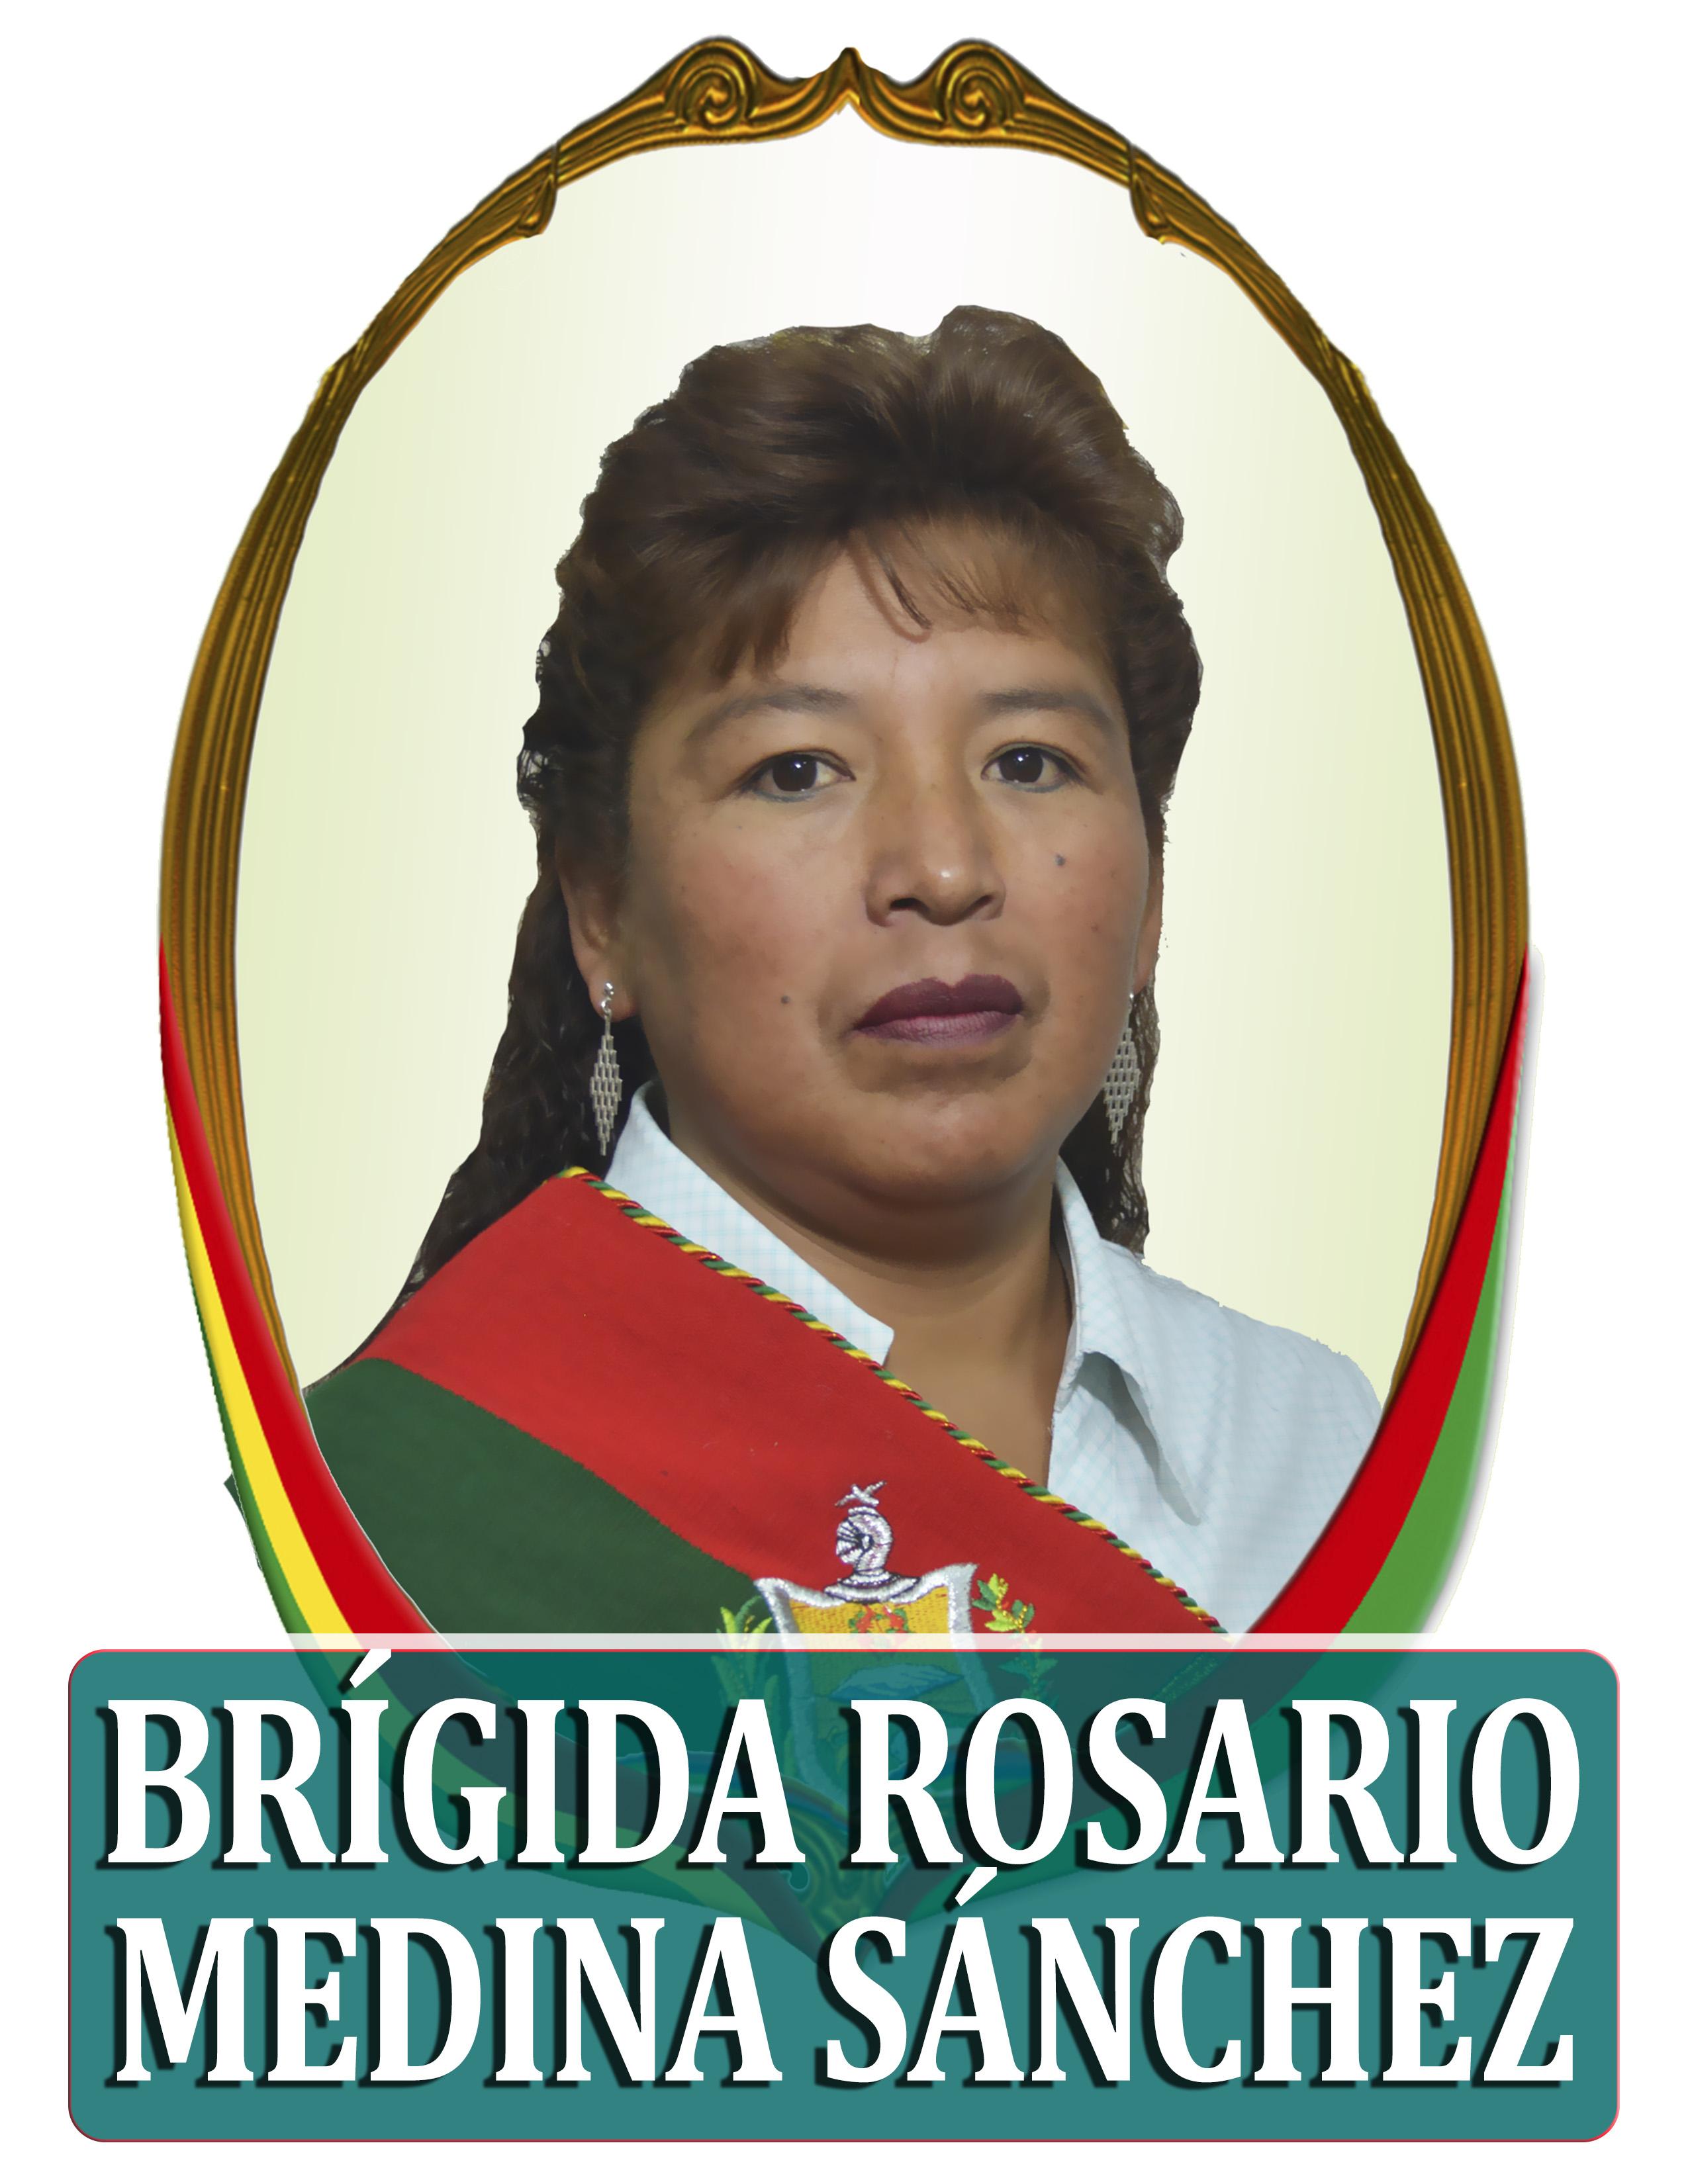 BRIGIDA ROSARIO MEDINA SANCHES